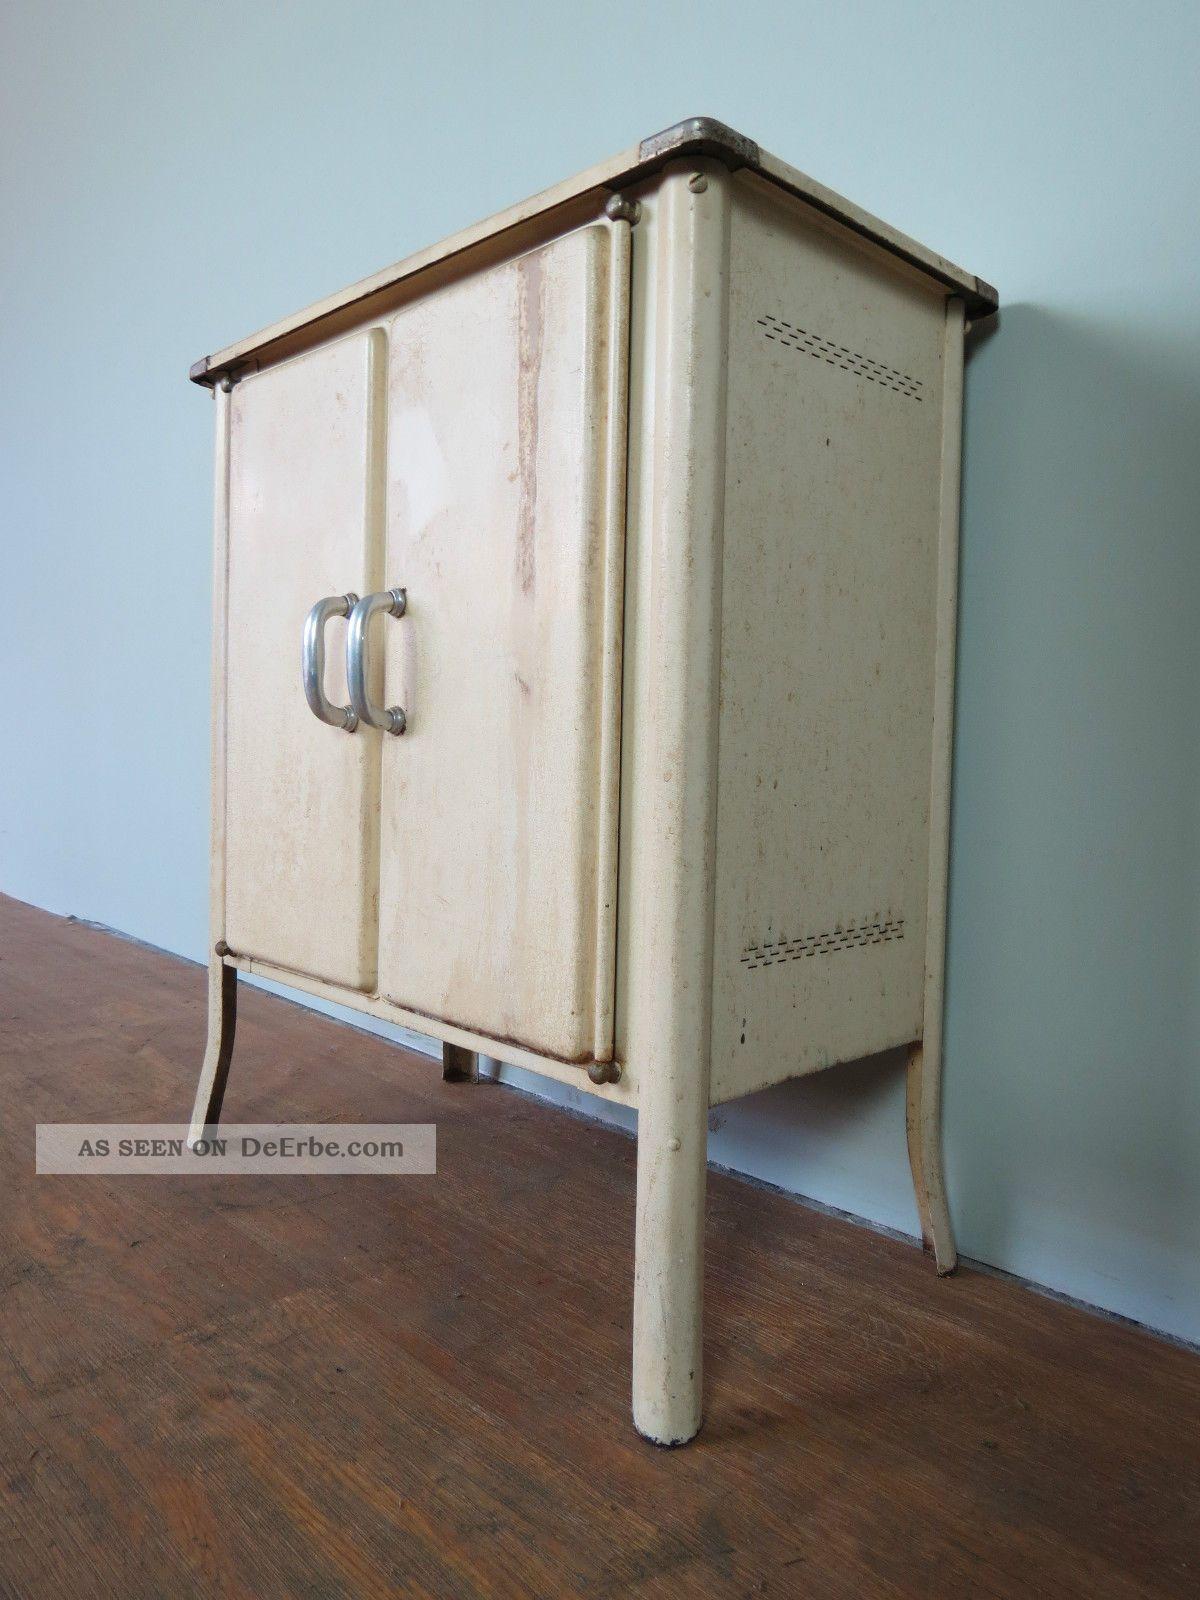 Alter Arztschrank Zahnarztschrank Metallschrank Industriedesign Wardrobe Vintage 1950-1959 Bild